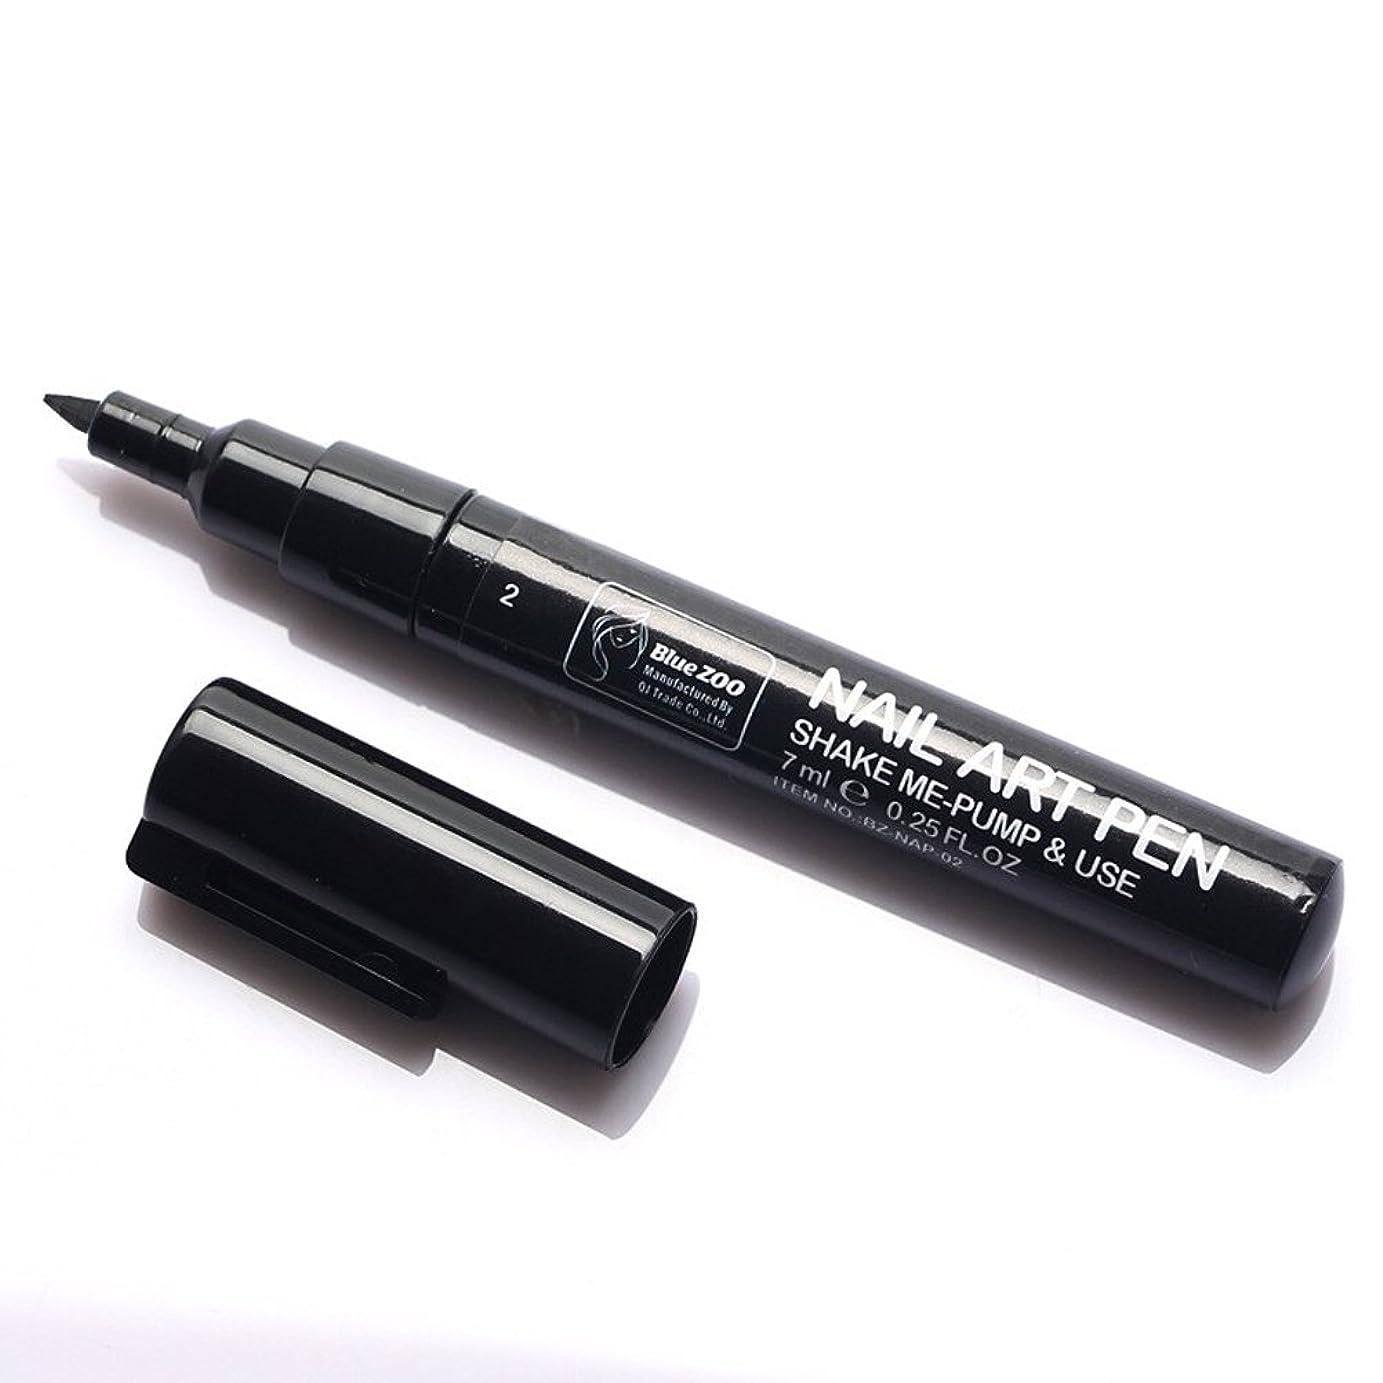 底助けになる勧める(メイクアップエーシーシー) MakeupAcc カラーネイルアートペン 3Dネイルペン ネイルアートペン ネイルマニキュア液 ペイントペン ペイント 両用 DIY 16色 (黒い) [並行輸入品]